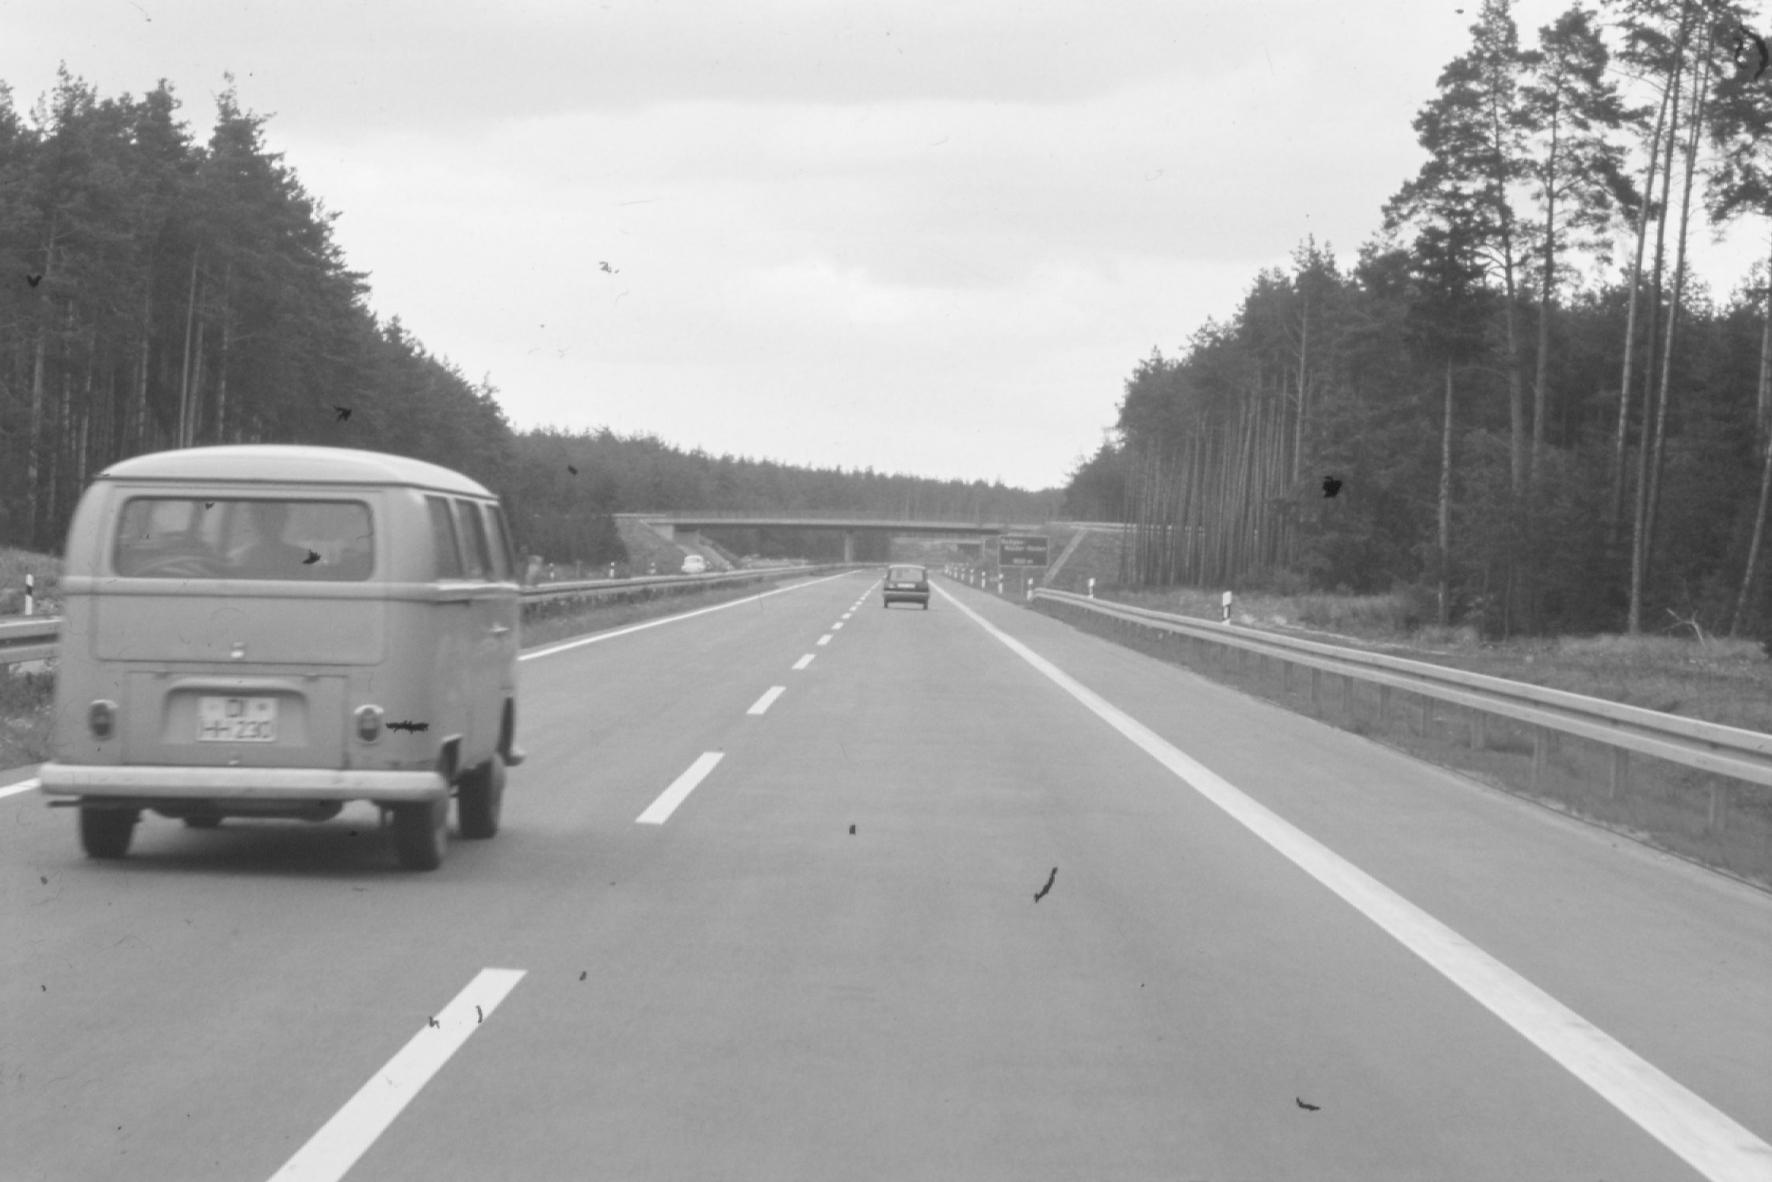 mid Groß-Gerau - Viele Unfälle auf der Autobahn sind auf eine Übermüdung des Fahrers zurückzuführen.